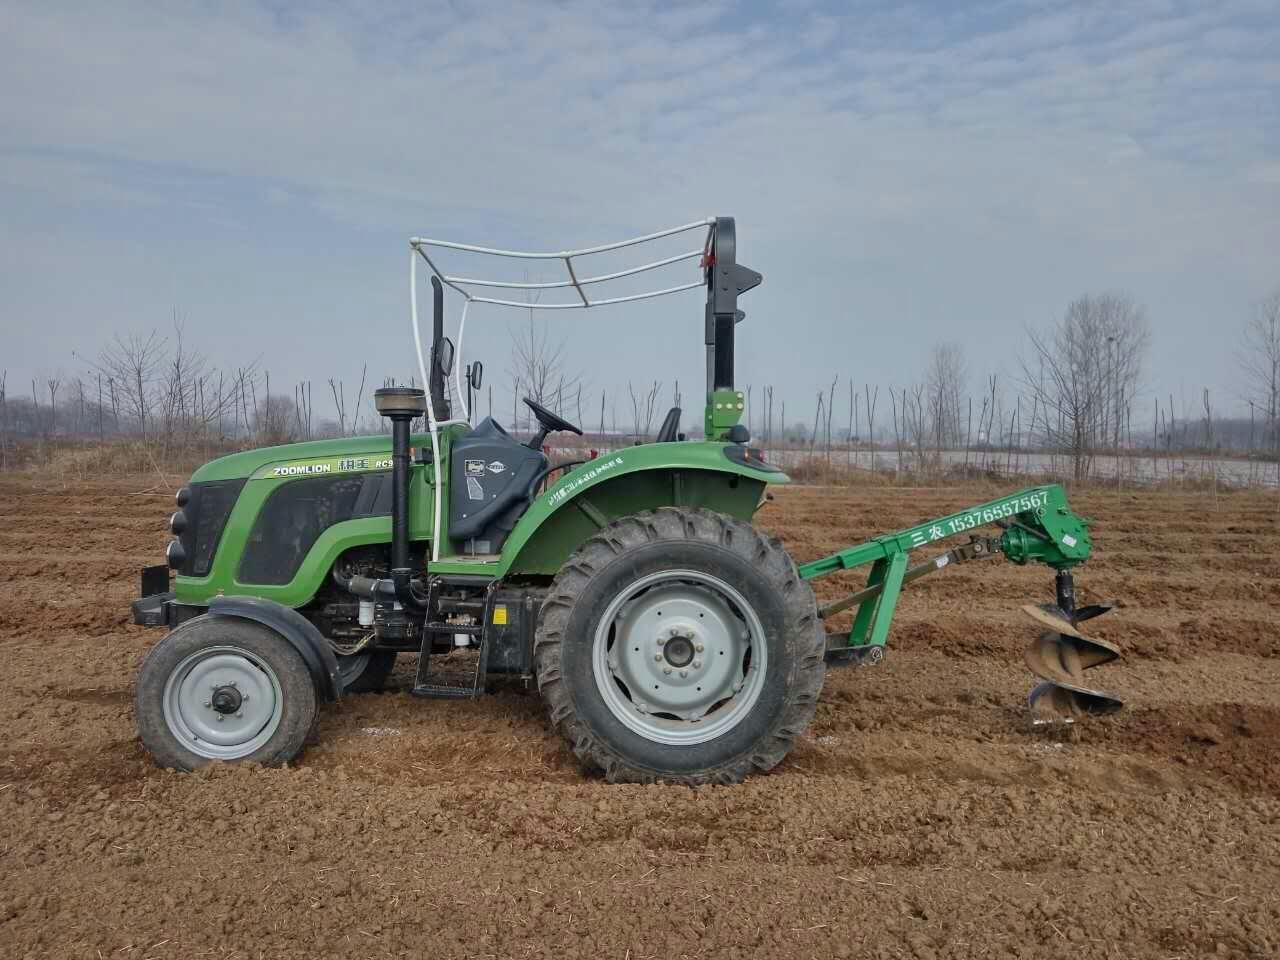 植树挖坑机 冻土挖坑机价格 多用途栽树用挖坑机